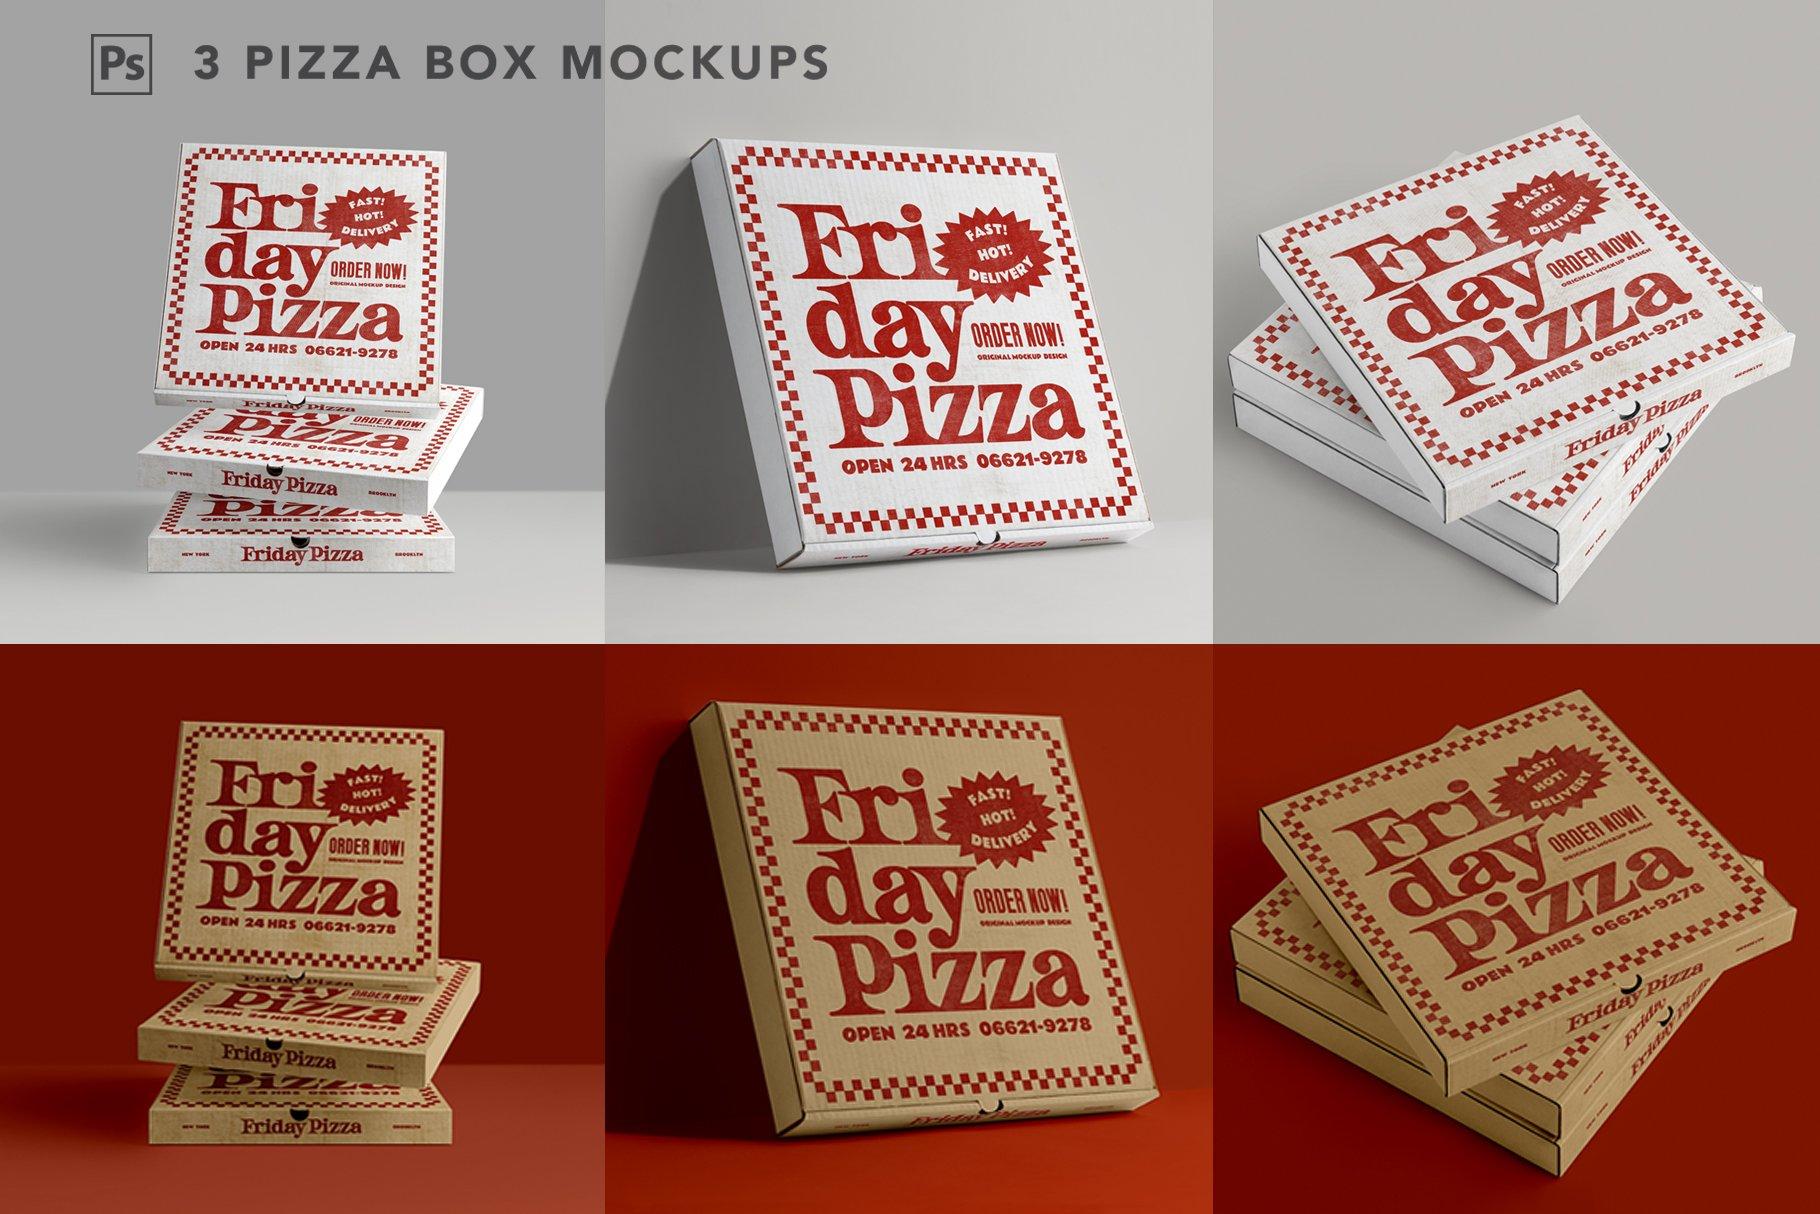 3款比萨外卖包装纸盒设计展示贴图样机 3 Pizza Box Mockup插图